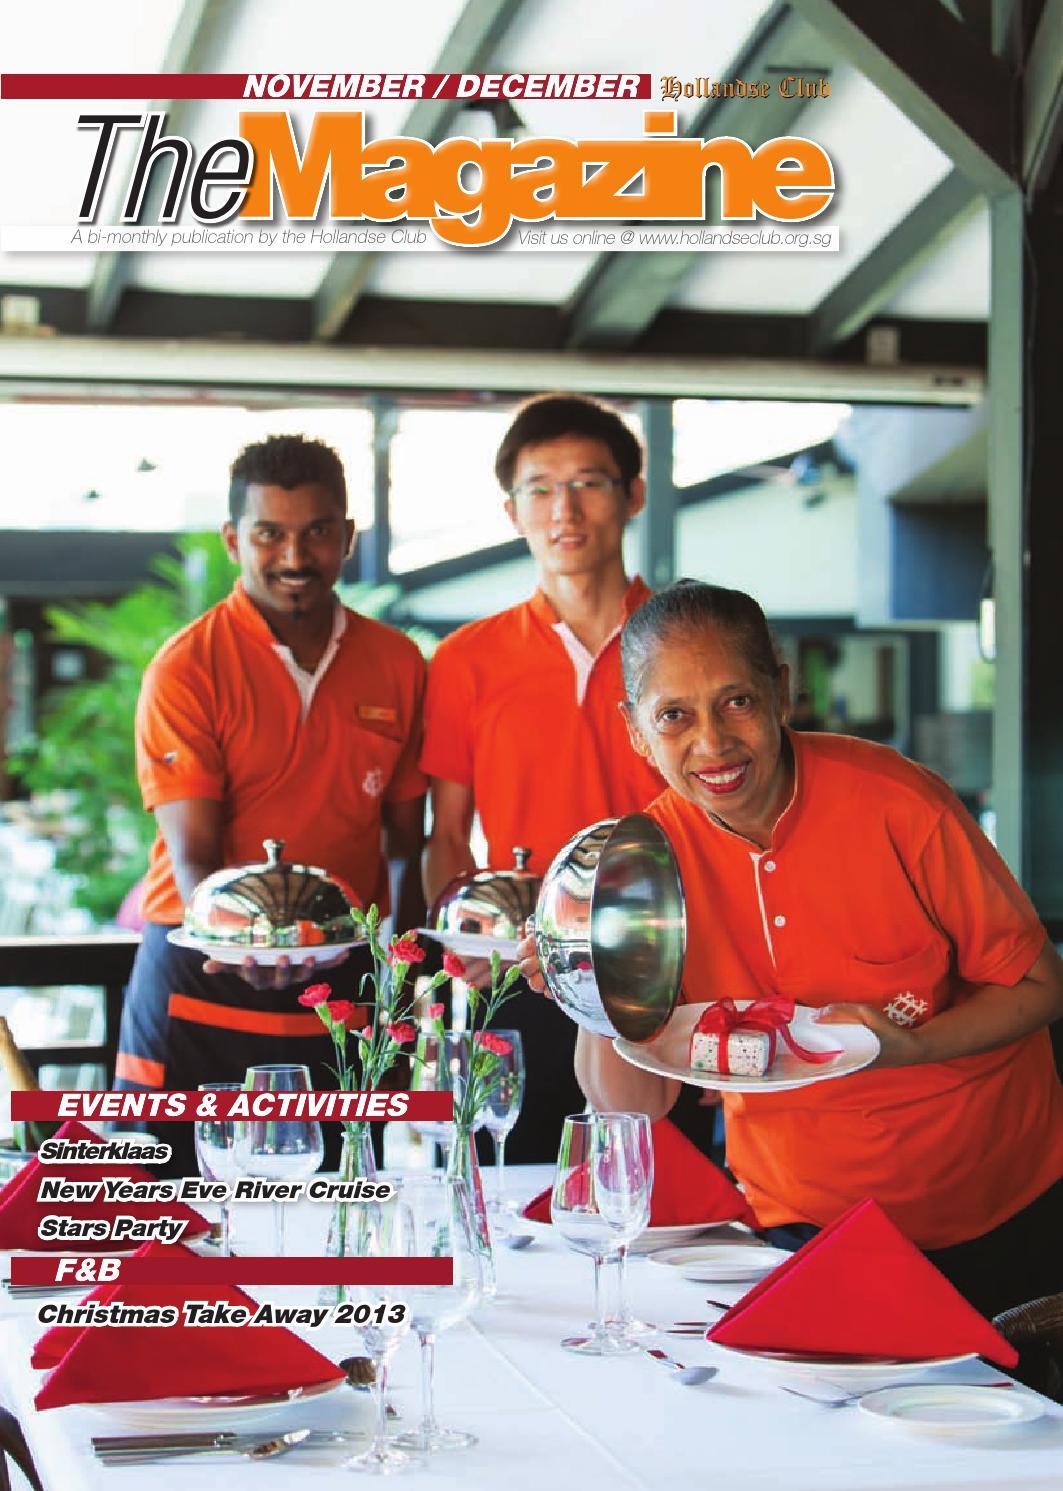 Hollandse Club Magazine Nov Dec  By Hollandse Club Issuu